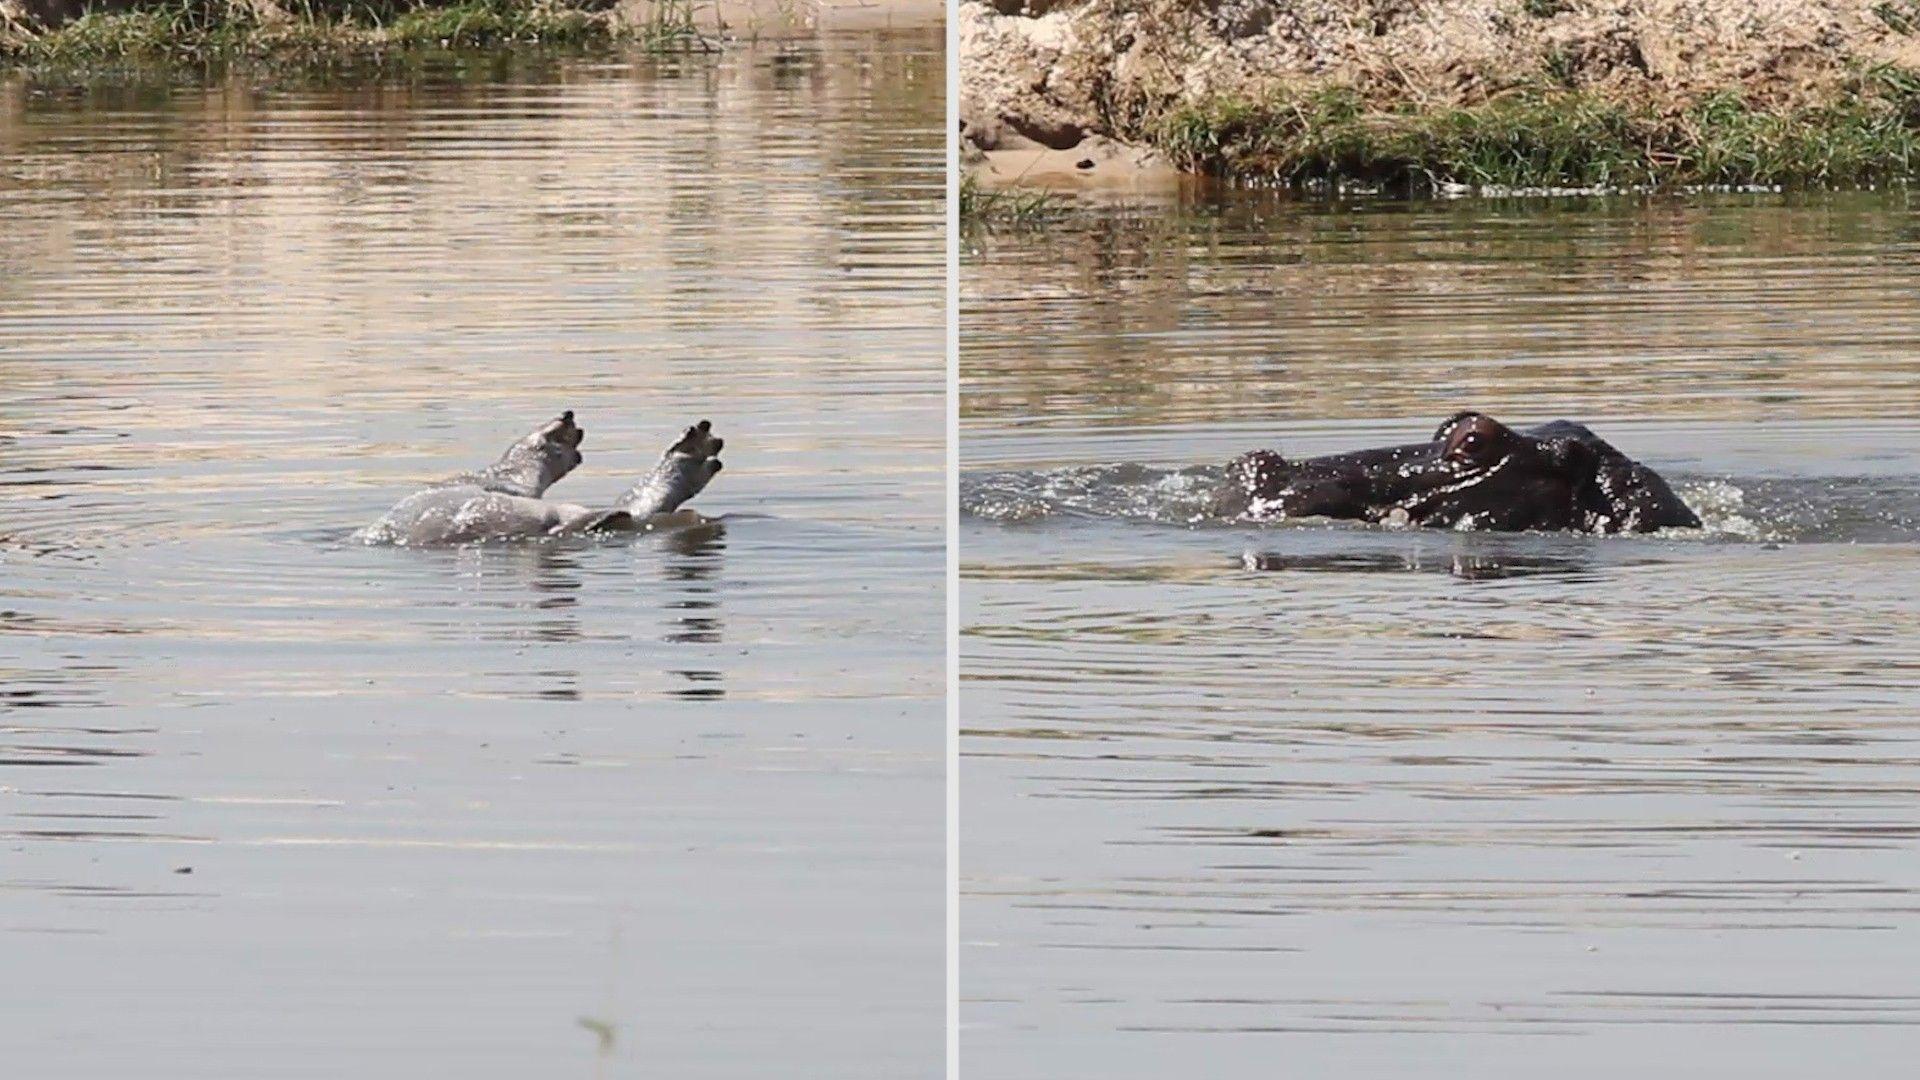 Première vidéo montrant le deuil chez les hippopotames | National Geographic